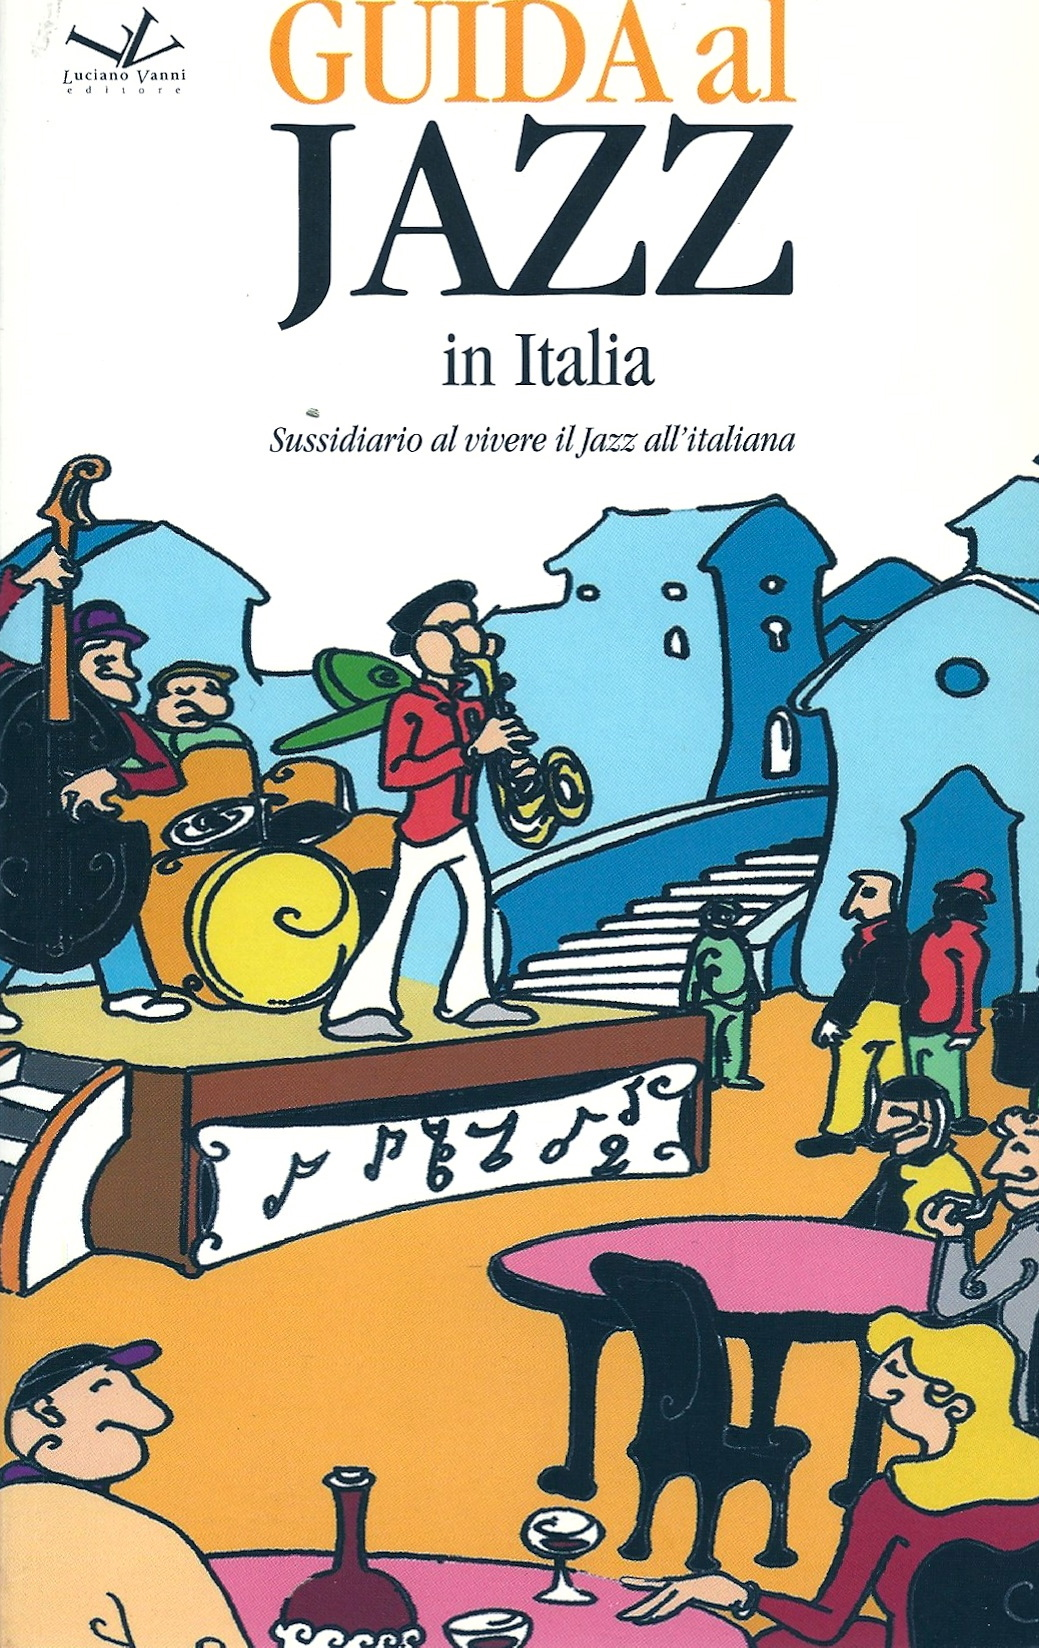 Guida al Jazz in Italia